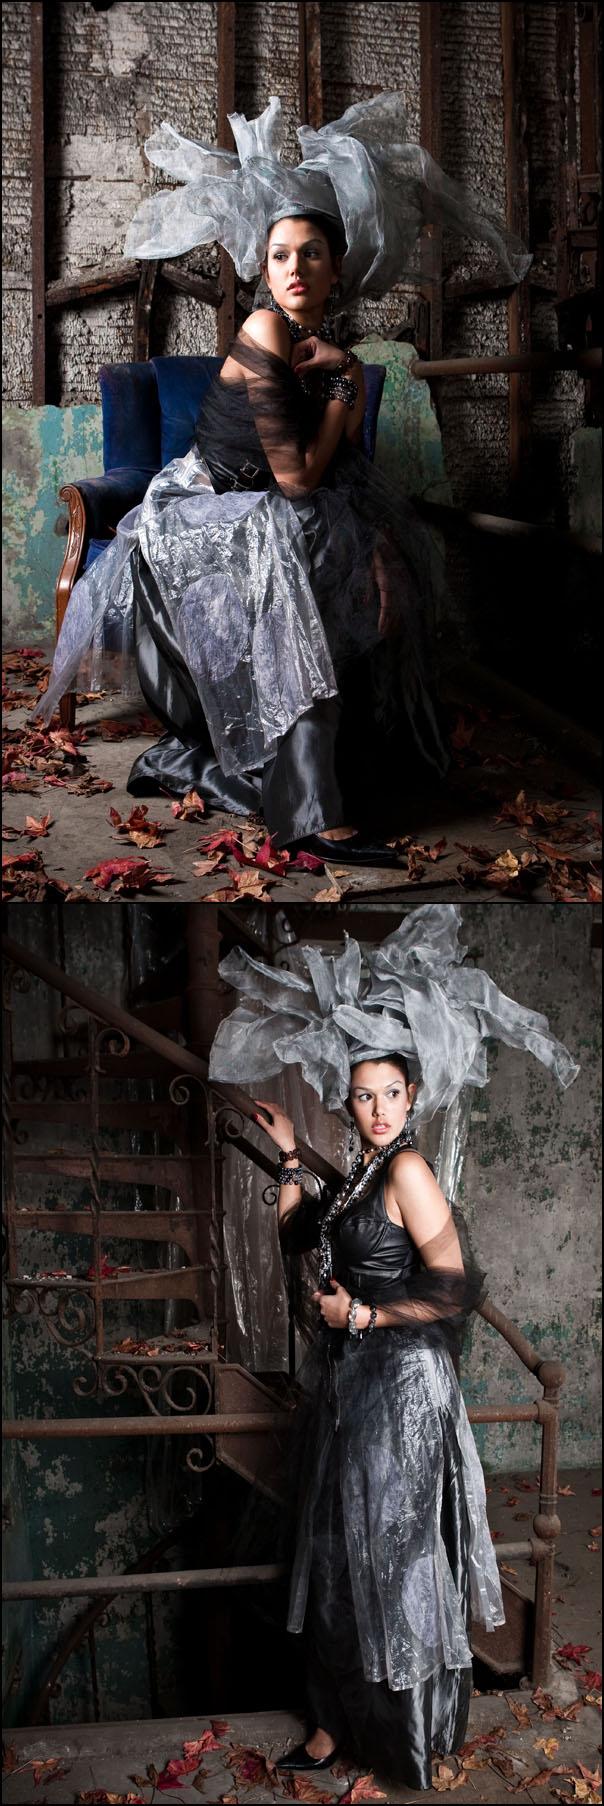 Jun 08, 2009 Sample From From Villa Stella Editorial. Model- Jackie U.